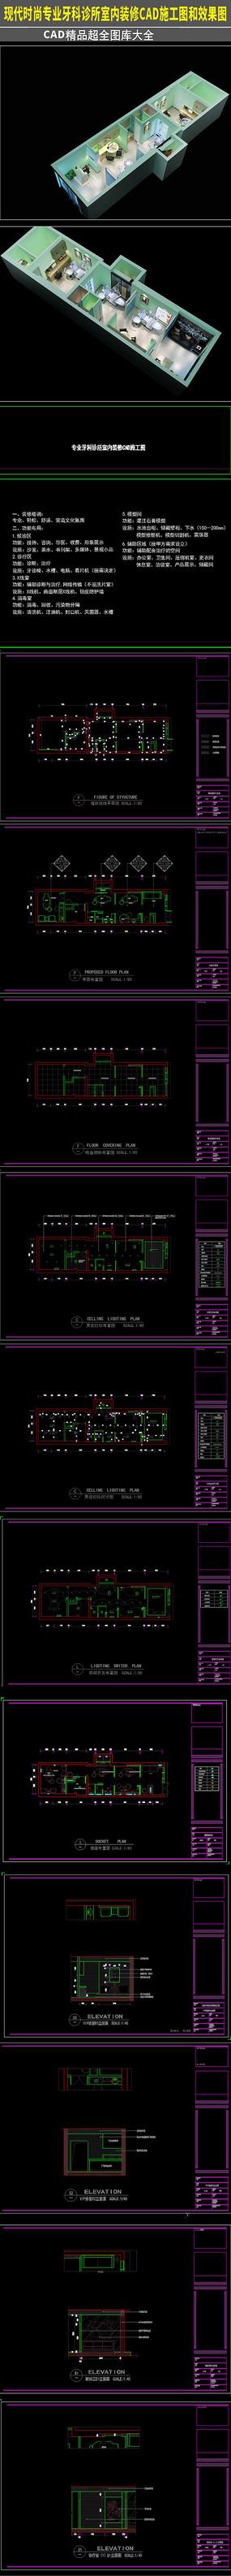 现代专业牙科诊所室内装修CAD图效果图